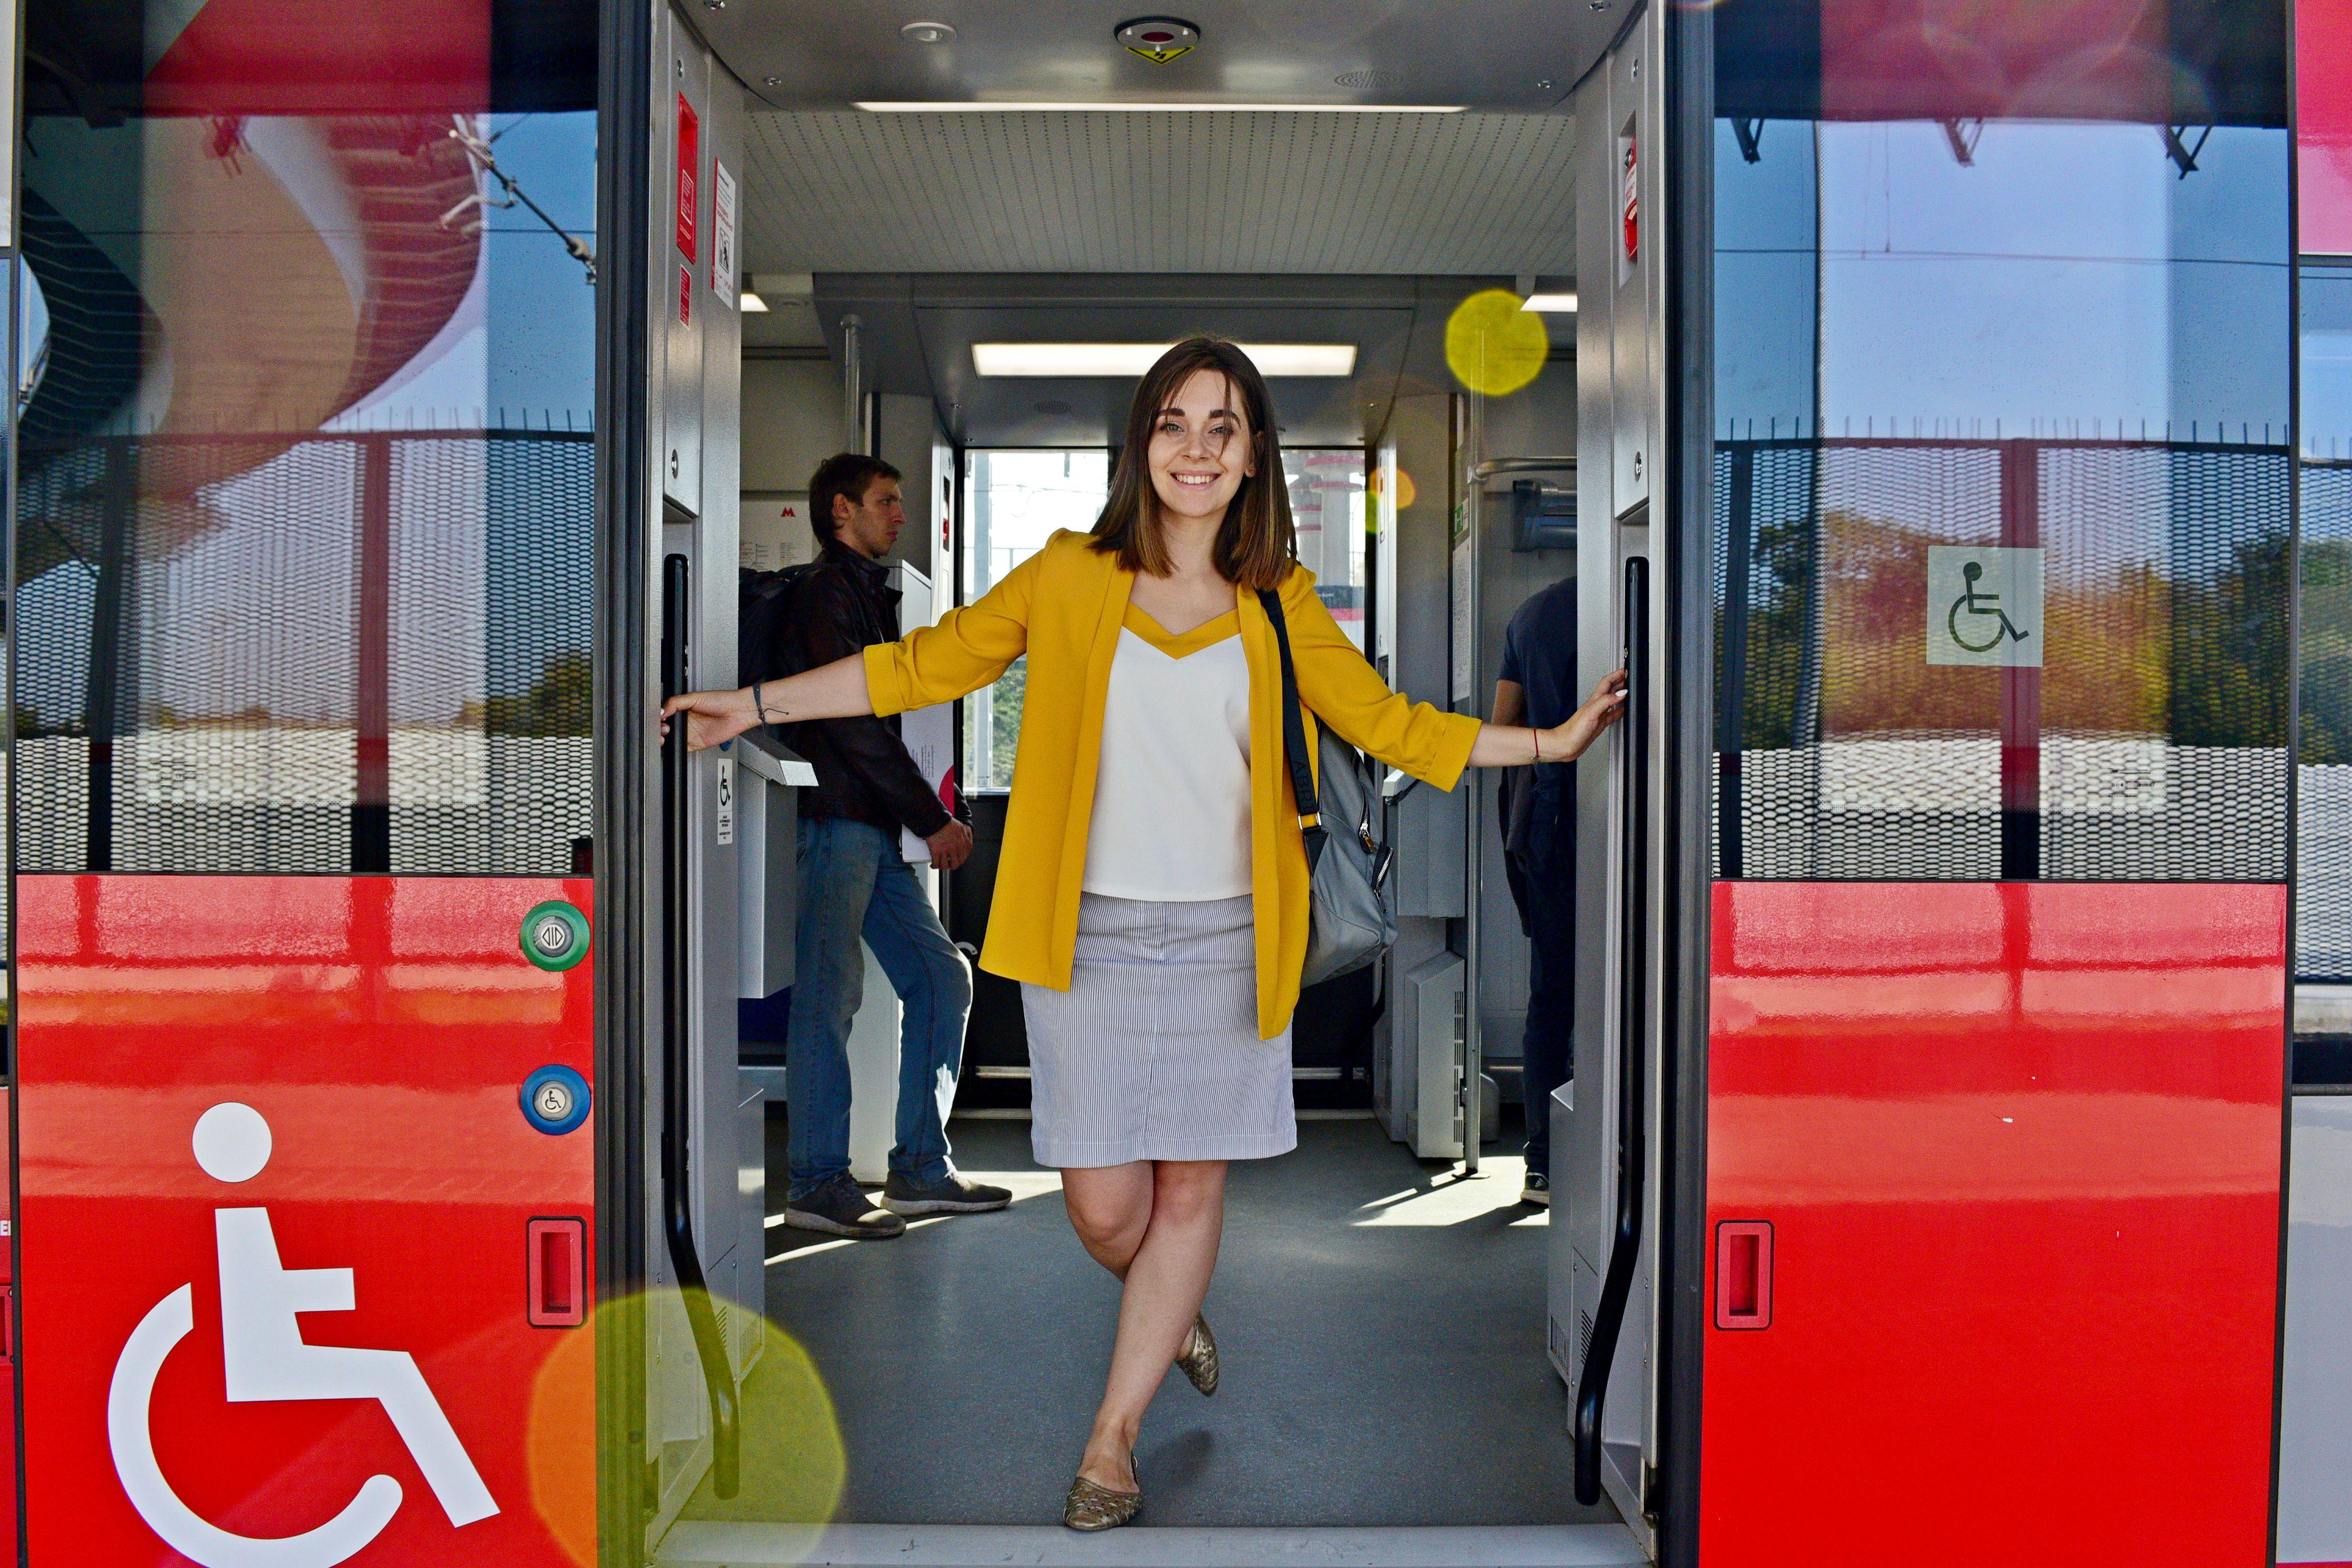 Пассажиров МЦК пригласили в вагоны тишины на зеленые сиденья